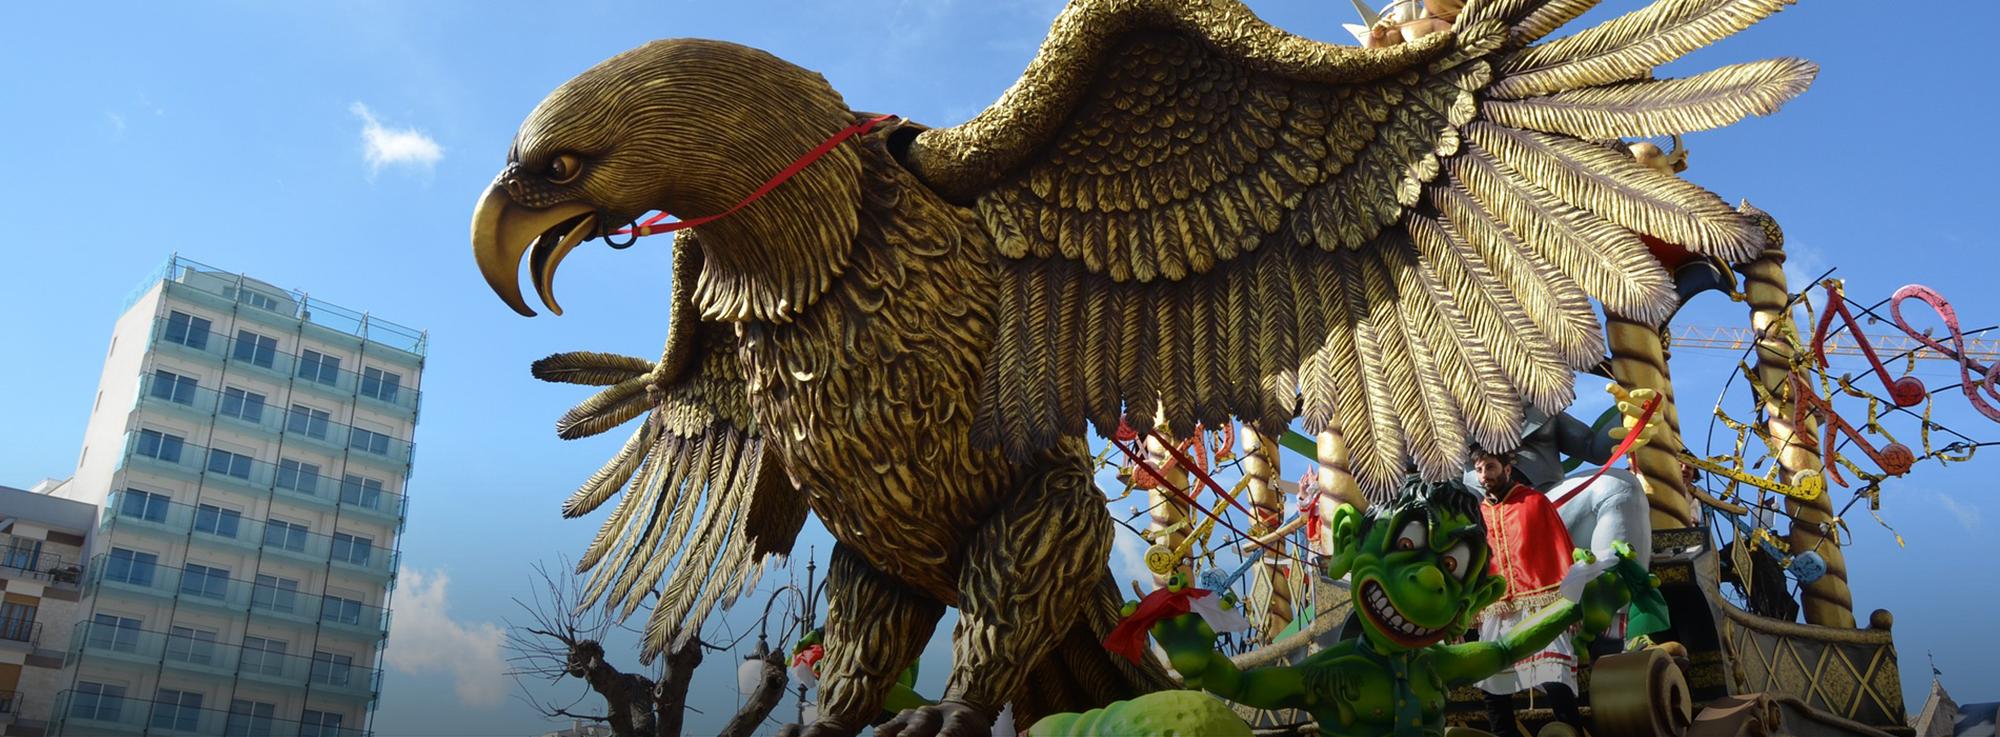 Putignano: Carnevale Estivo di Putignano 2018